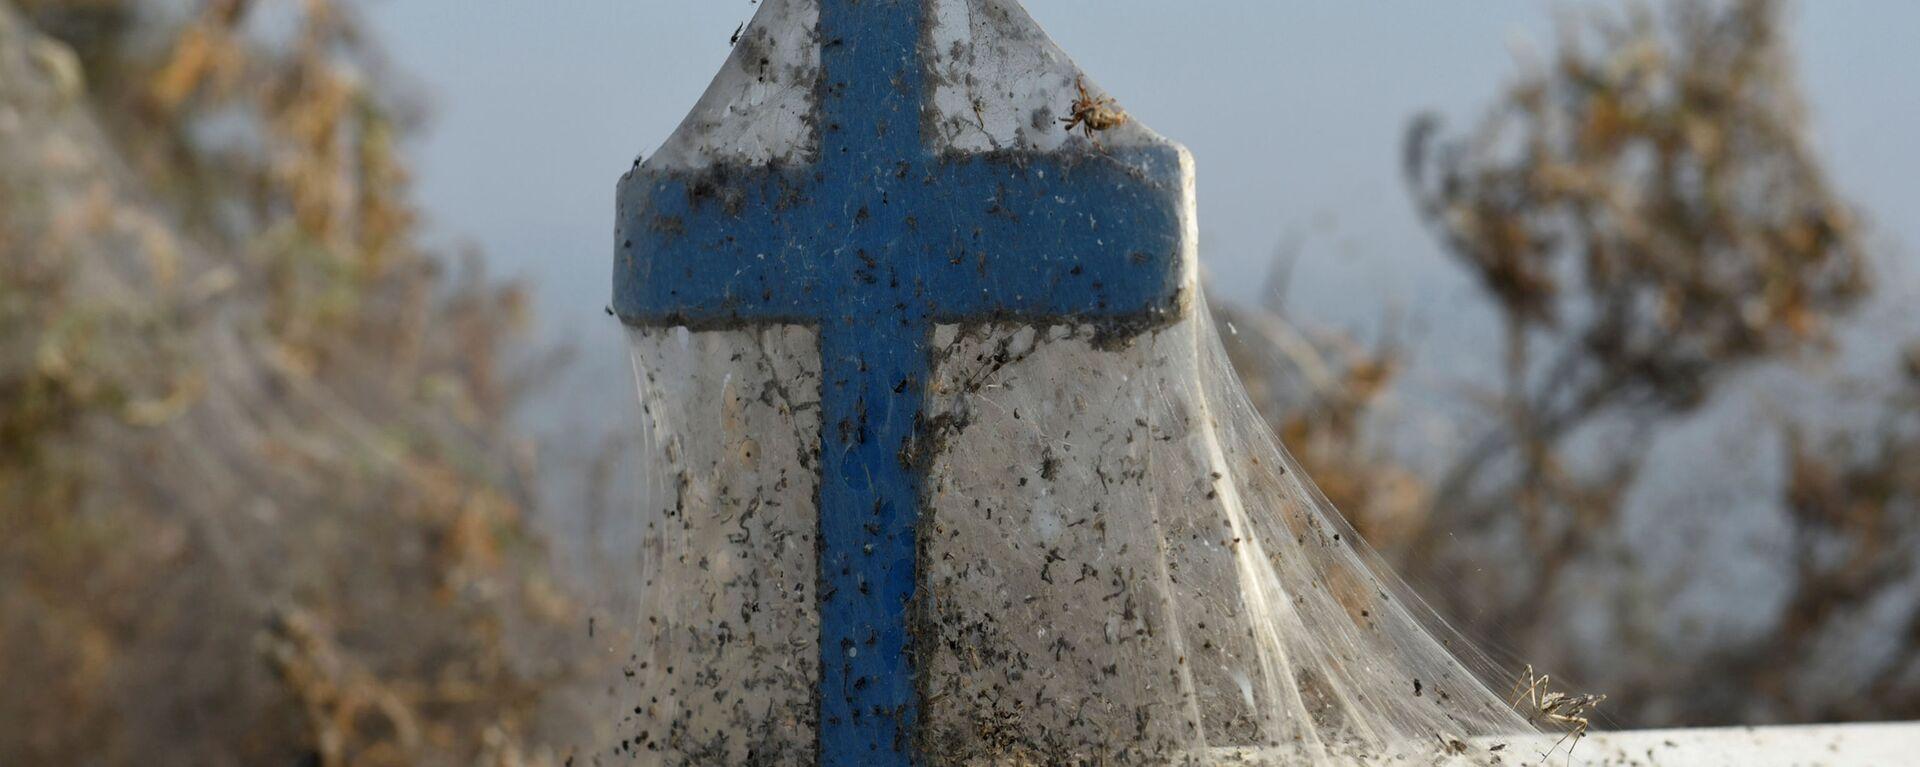 Krzyż w pajęczynie, Grecja - Sputnik Polska, 1920, 07.09.2021